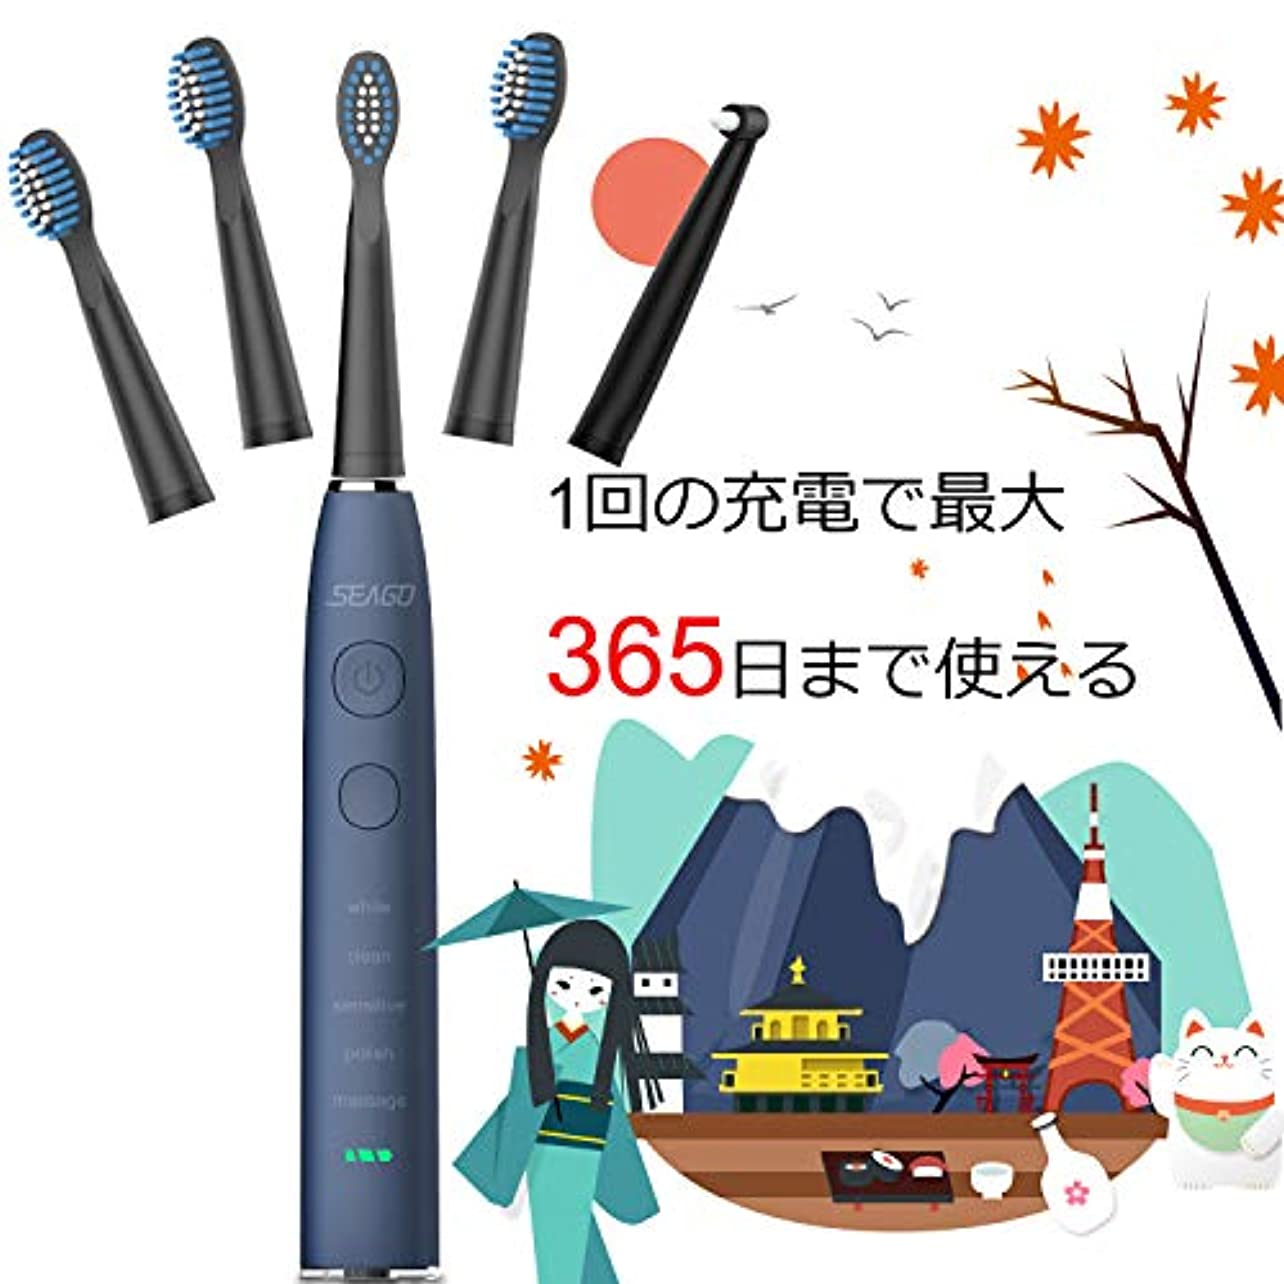 割る事務所シーケンス電動歯ブラシ 歯ブラシ seago 音波歯ブラシ USB充電式8時間 365日に使用 IPX7防水 五つモードと2分オートタイマー機能搭載 替えブラシ5本 12ヶ月メーカー保証 SG-575(ブルー)